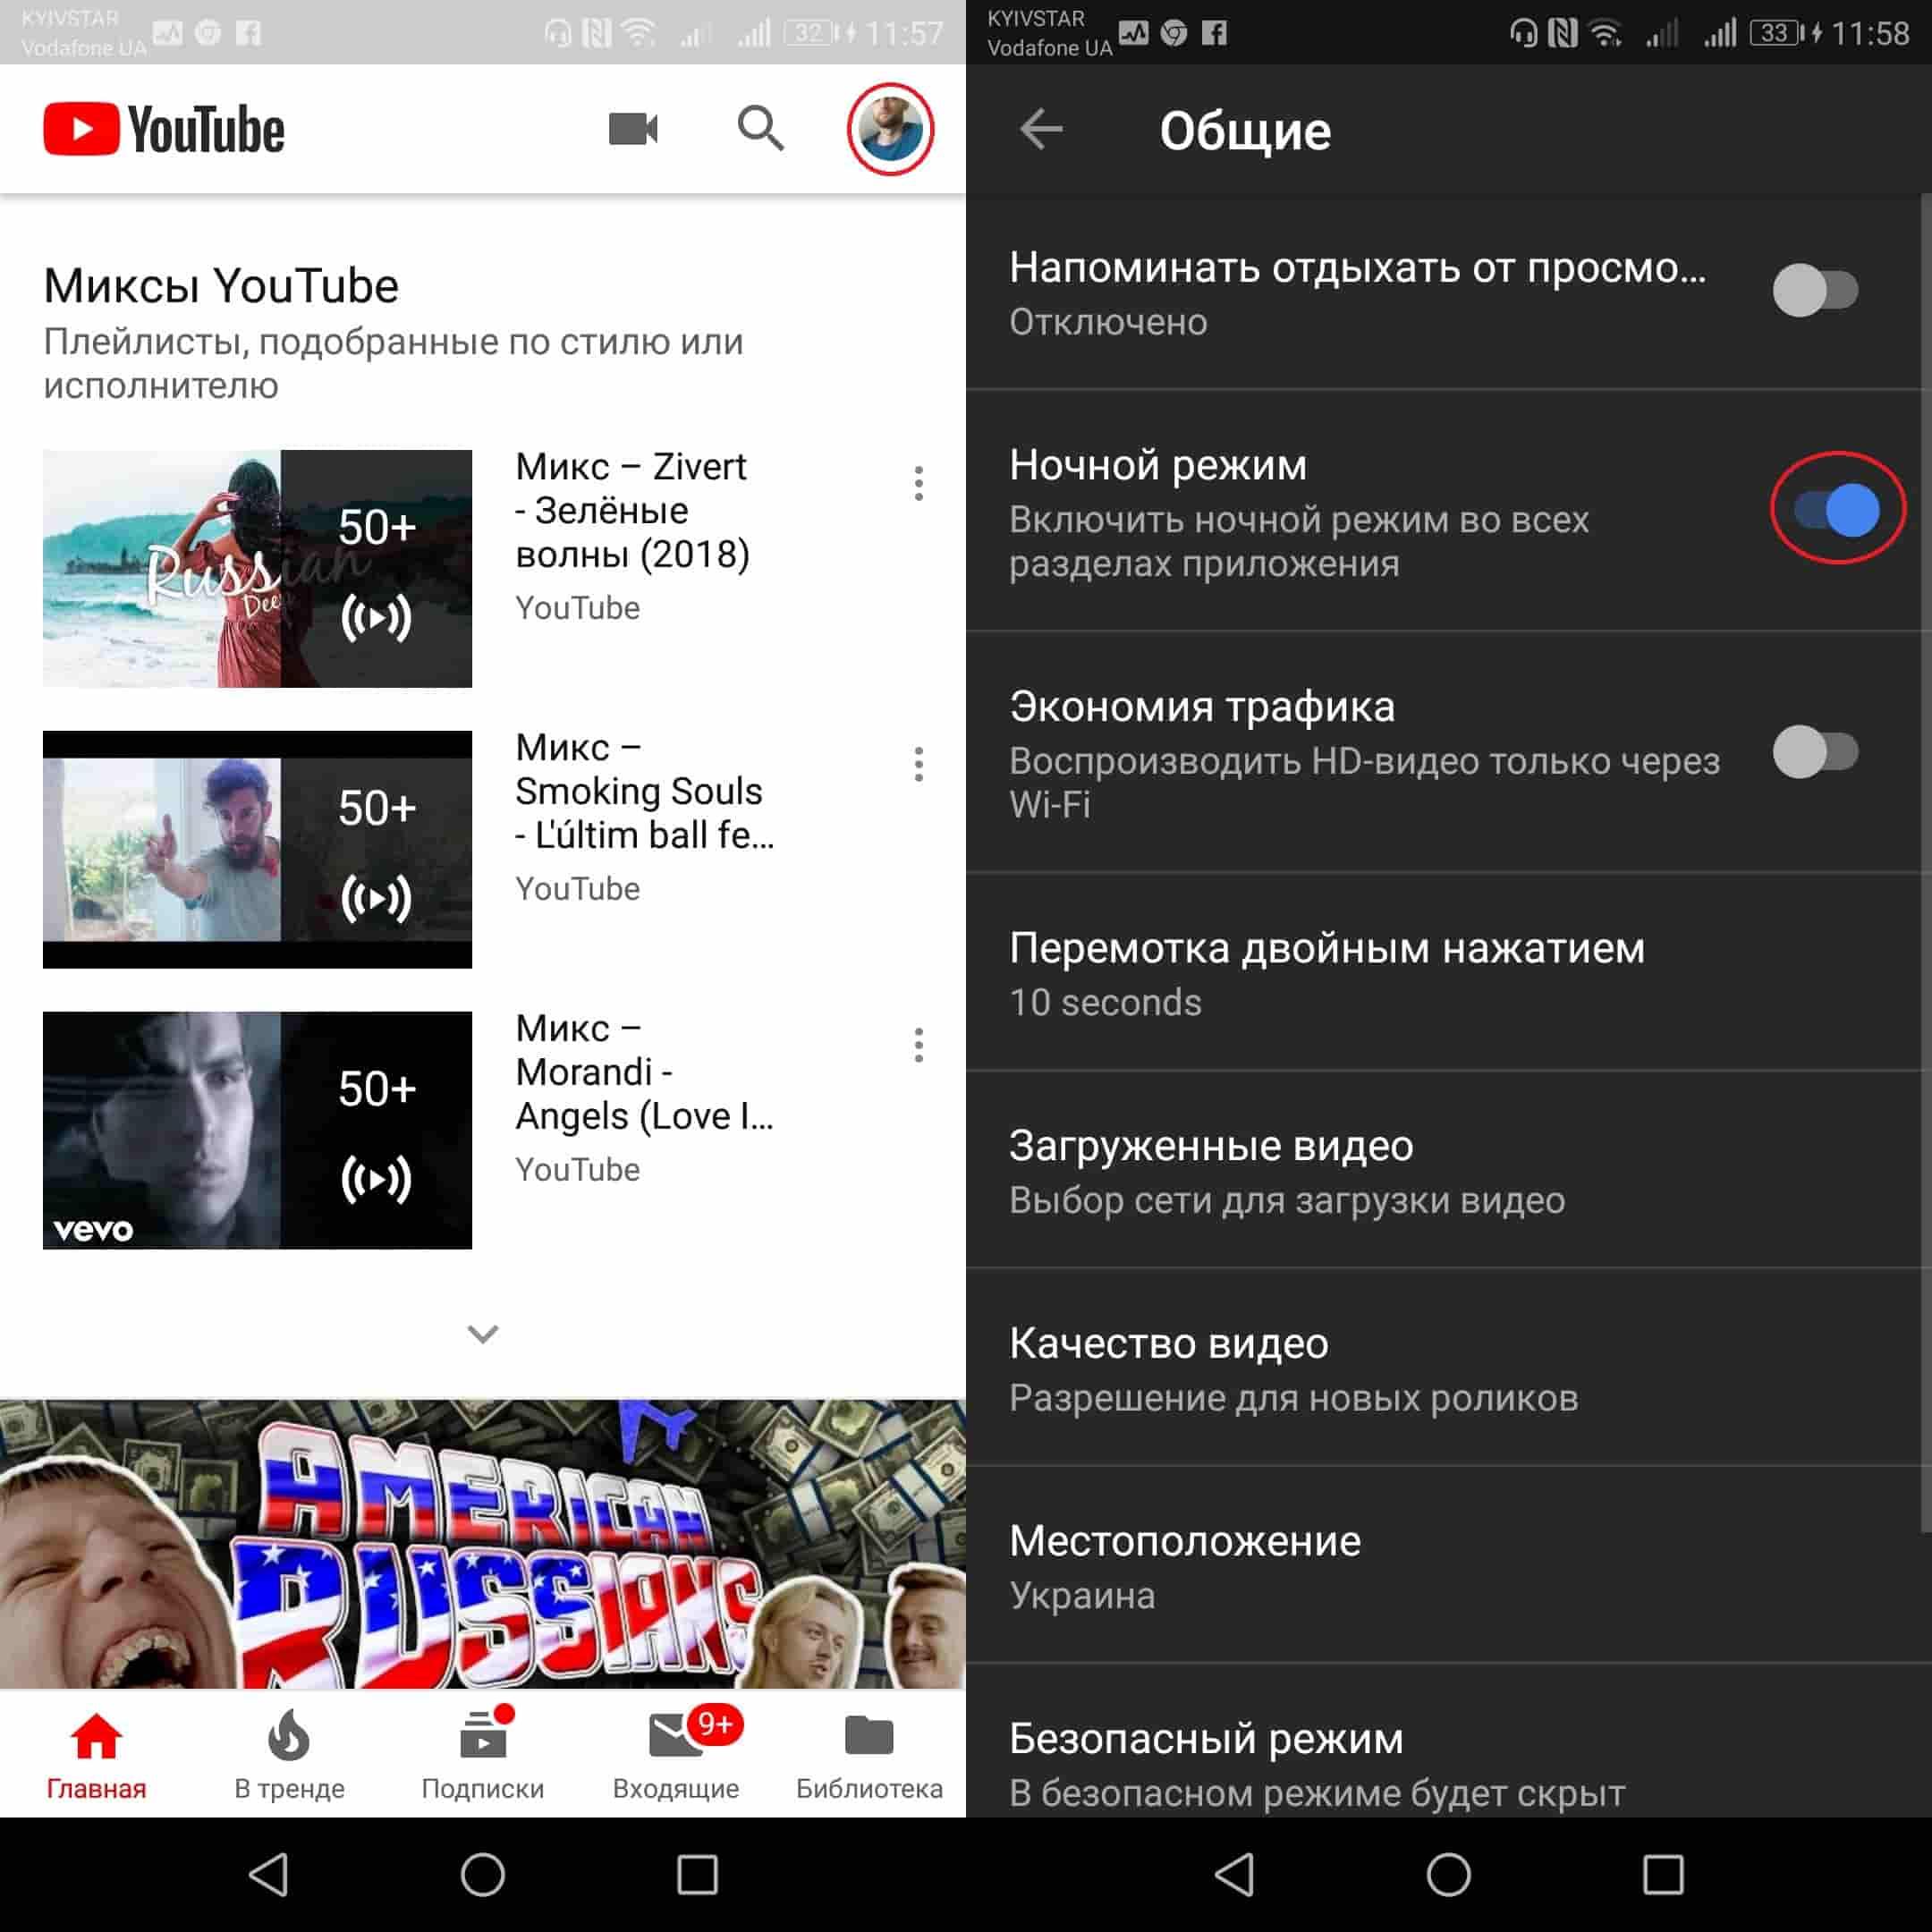 Картинка 3 Как включить ночной режим на YouTube